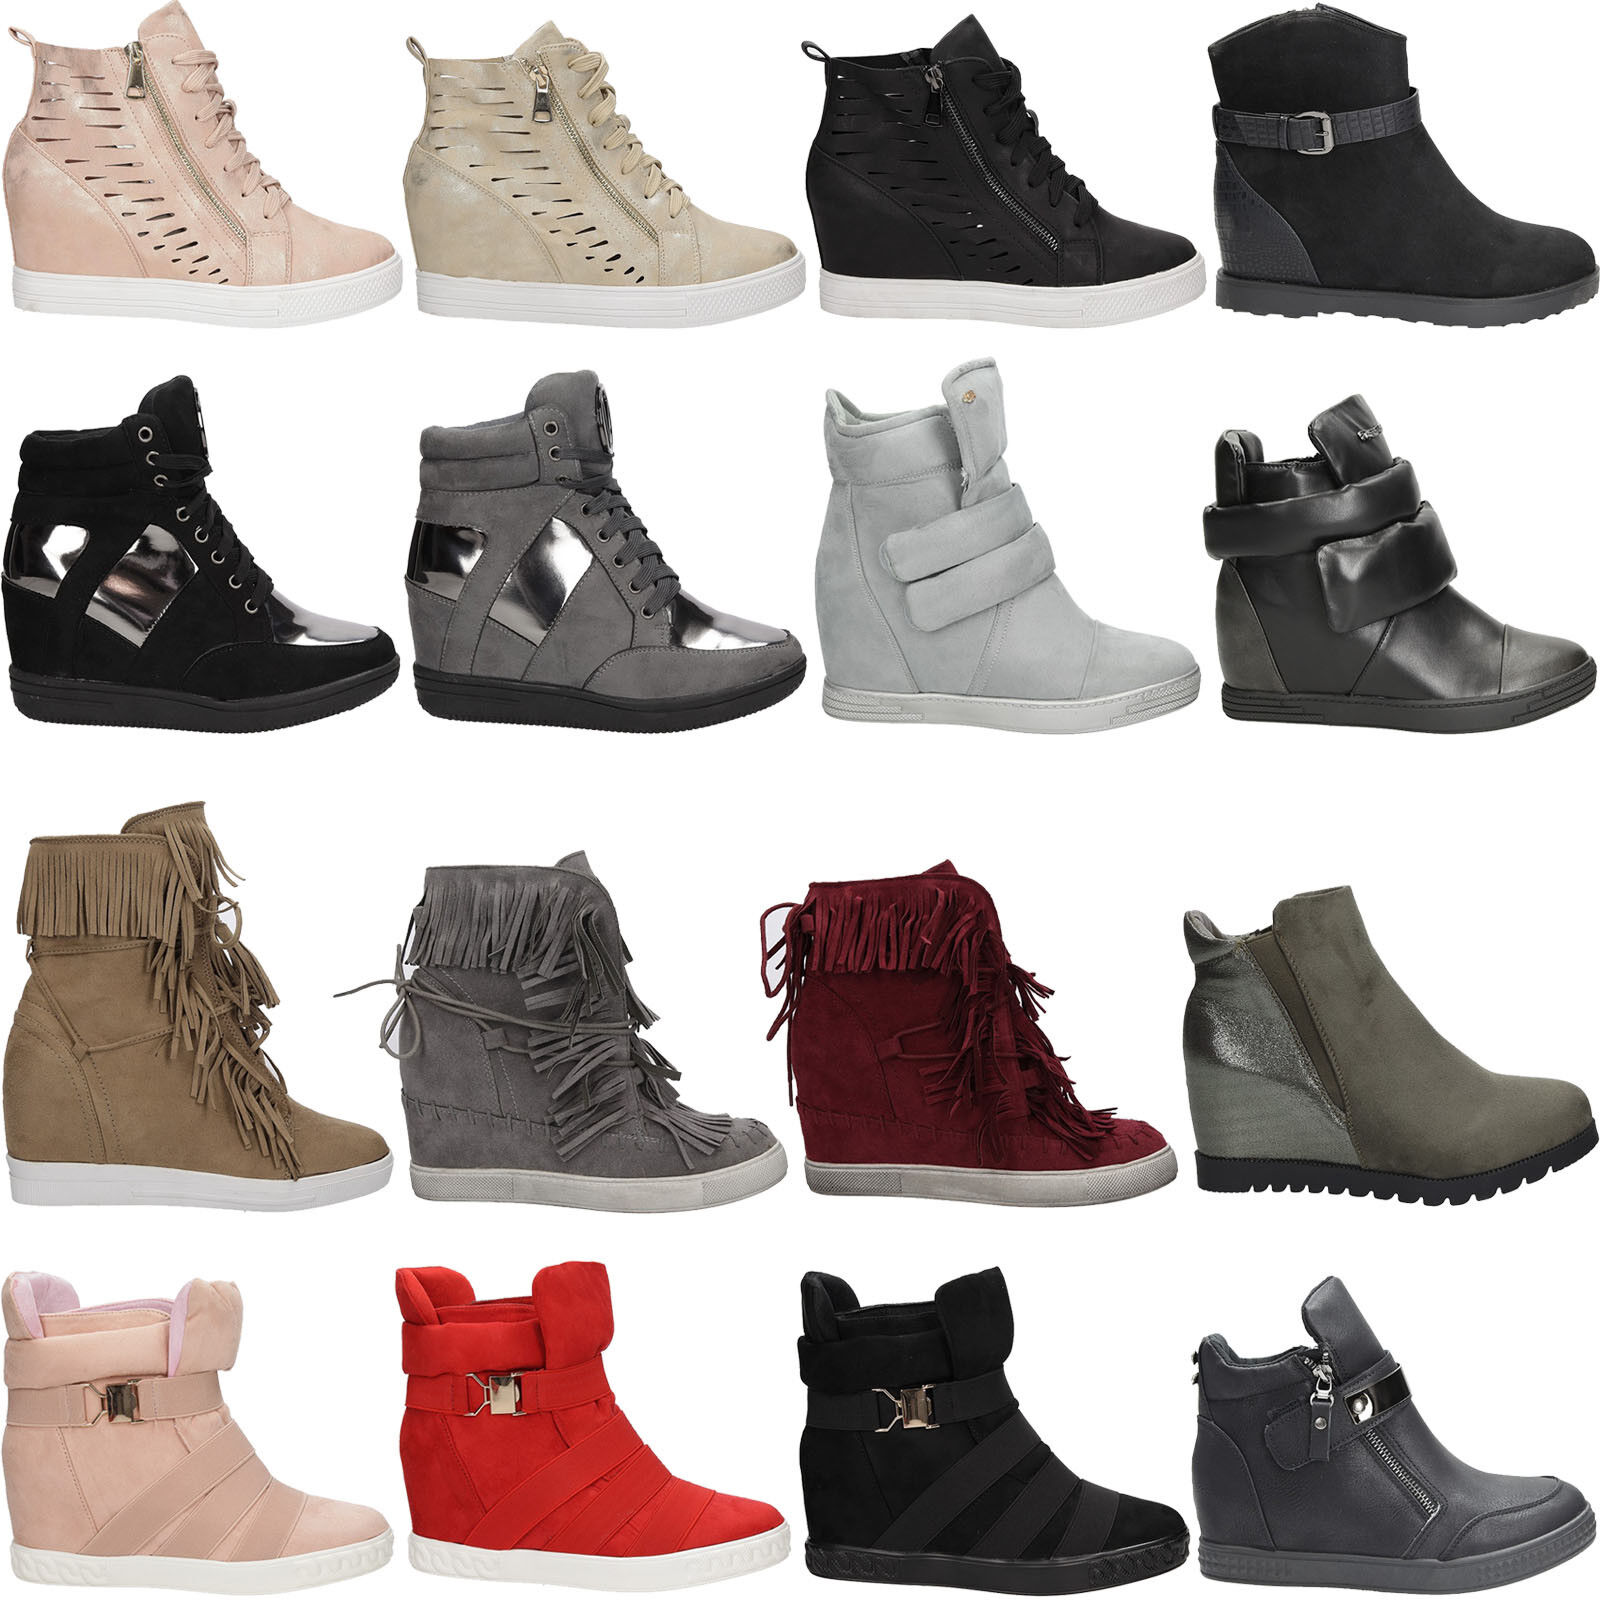 Damen Sneakers Keilabsatz Sport Schuhe Freizeit Frühling/Herbs<wbr/>t Gr. 36-41 NEU